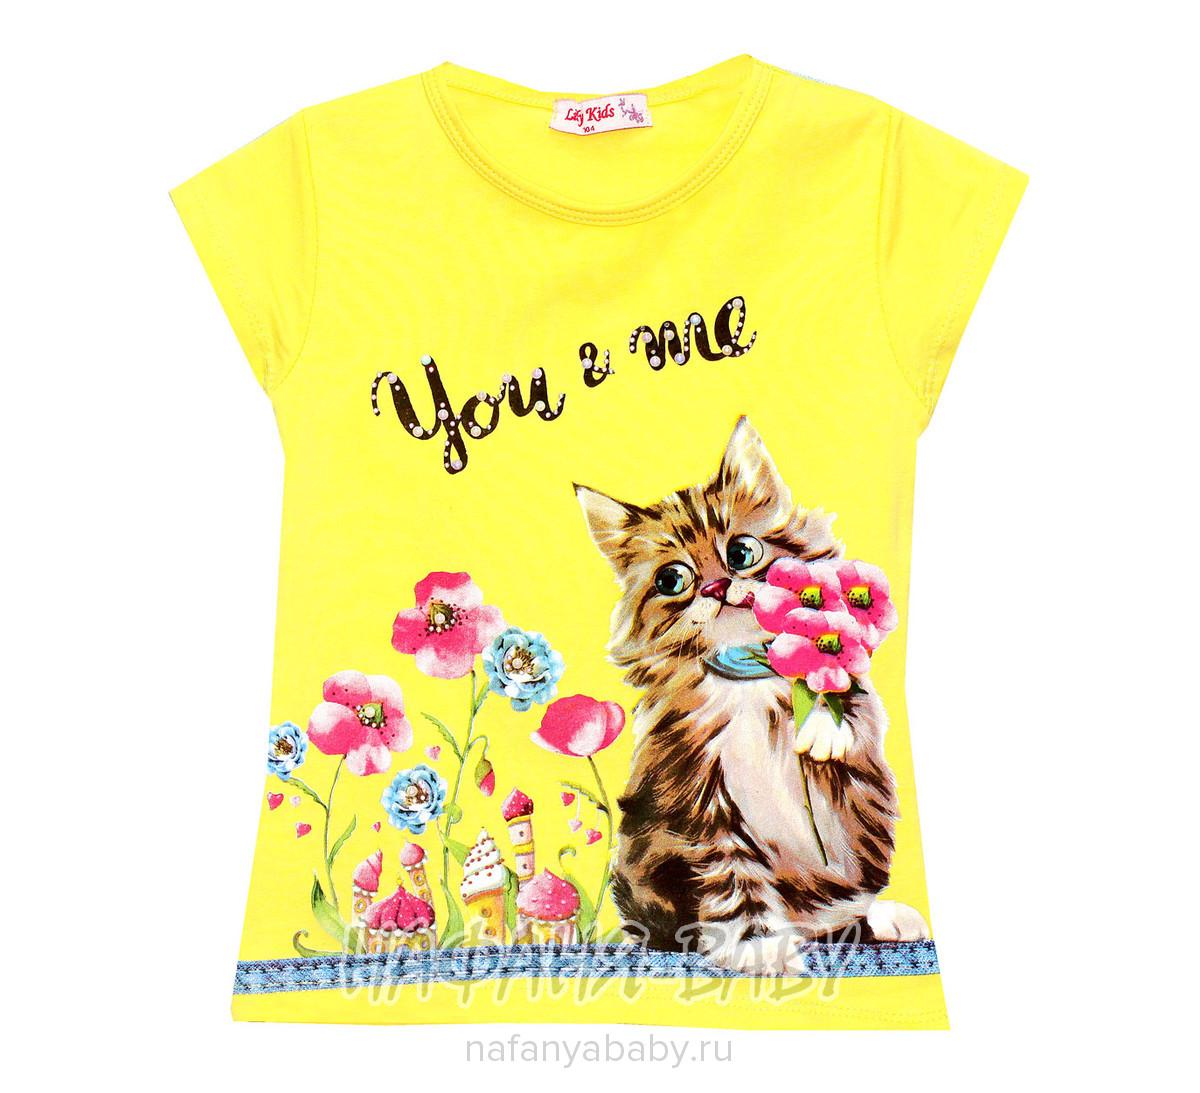 Детская футболка LILY Kids арт: 3574, 1-4 года, цвет желтый, оптом Турция